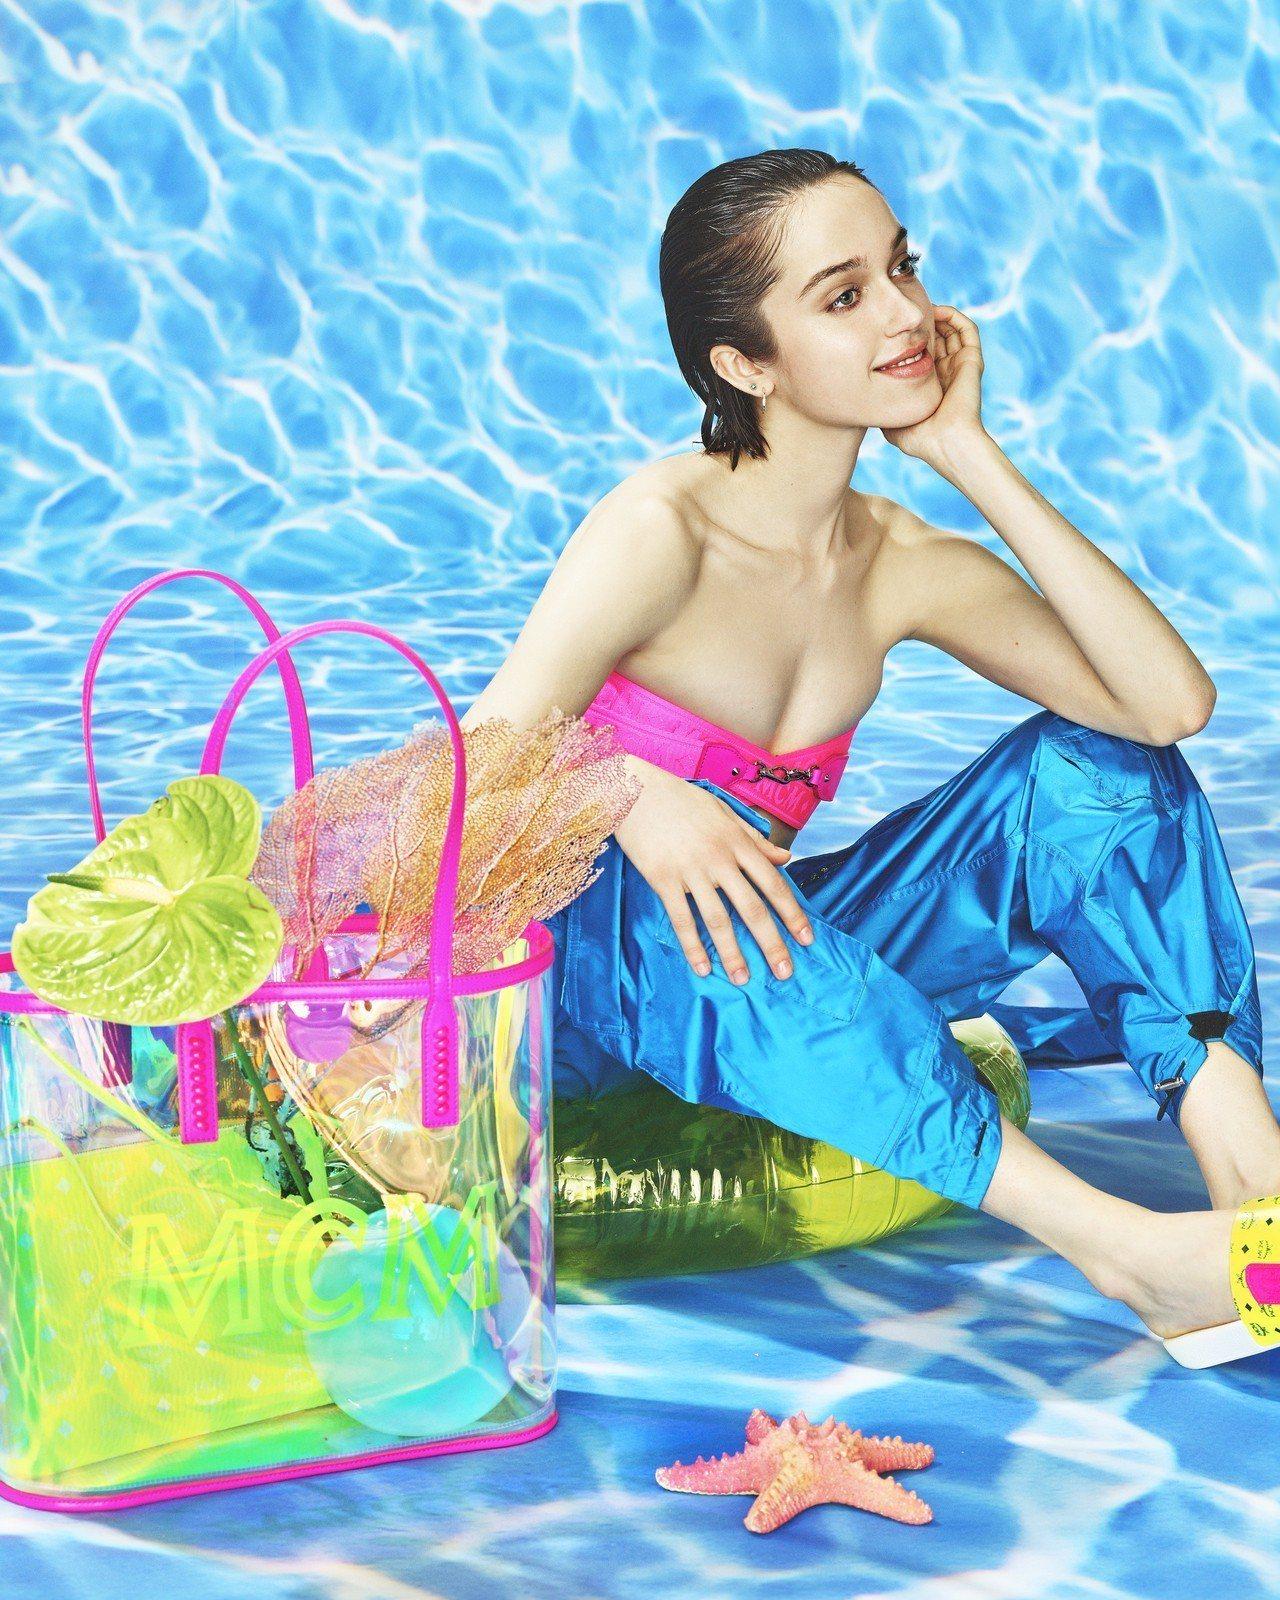 MCM FLO霓虹粉中型托特包的形象廣告超性感,售價20,000元。圖/MCM提...